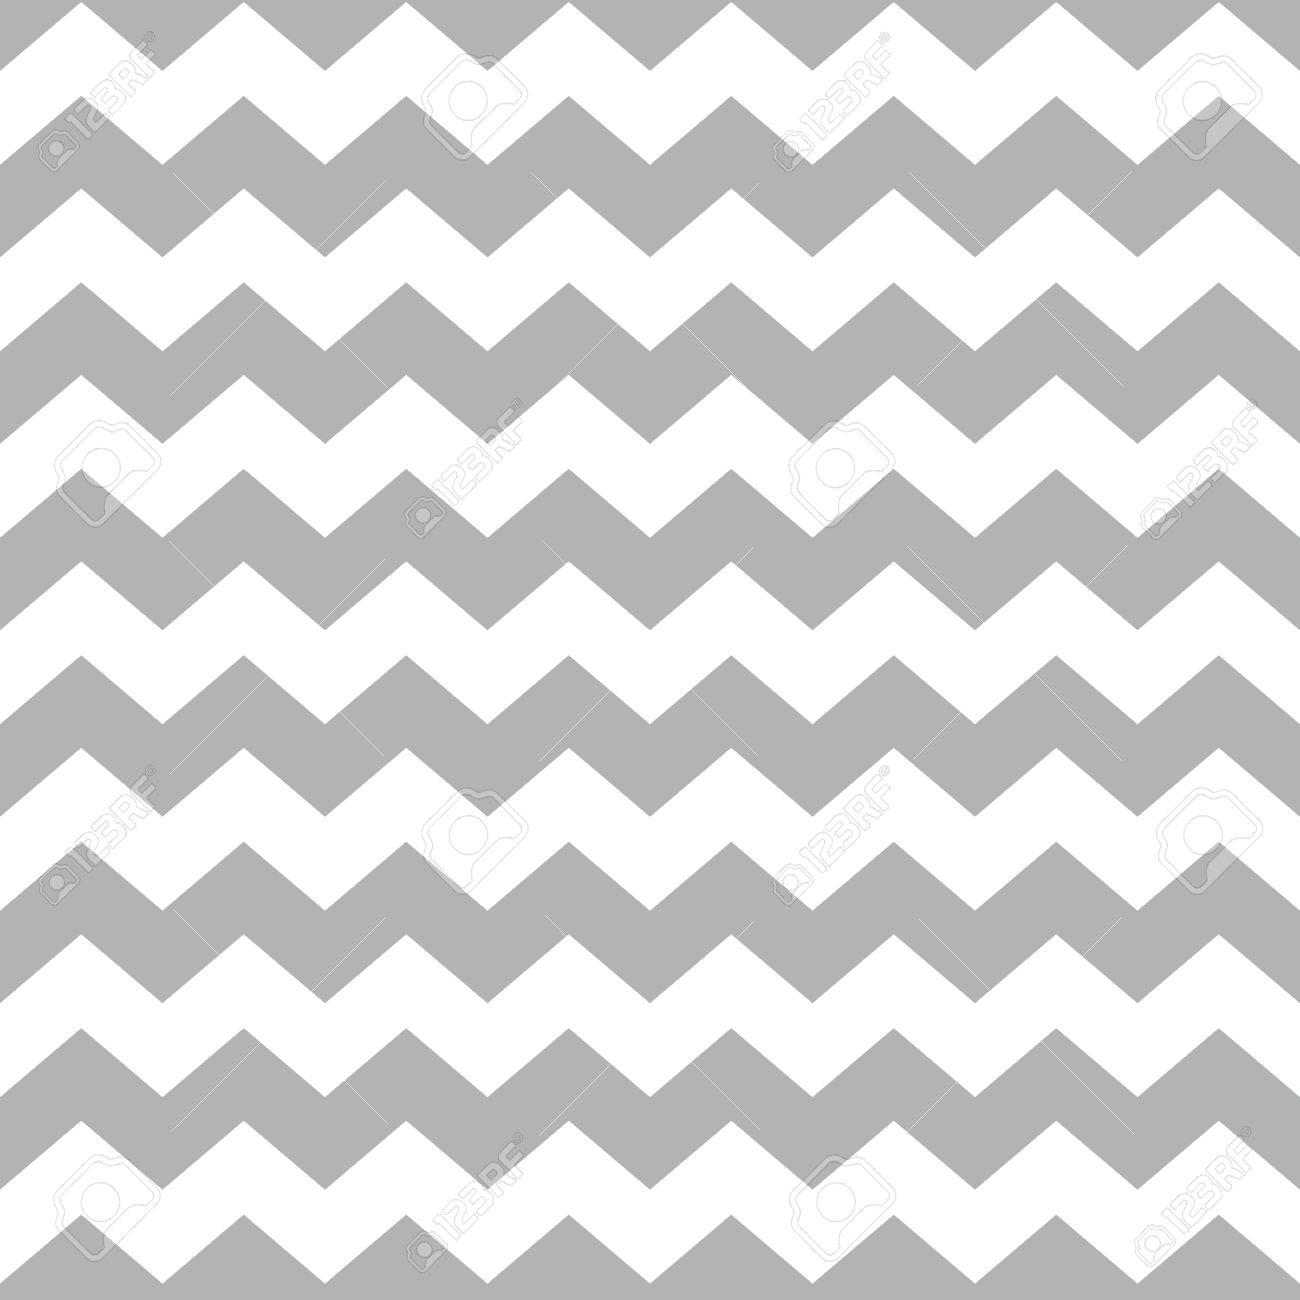 Tile Vektor-Muster Mit Weißen Und Grauen Zick-Zack-Hintergrund ...